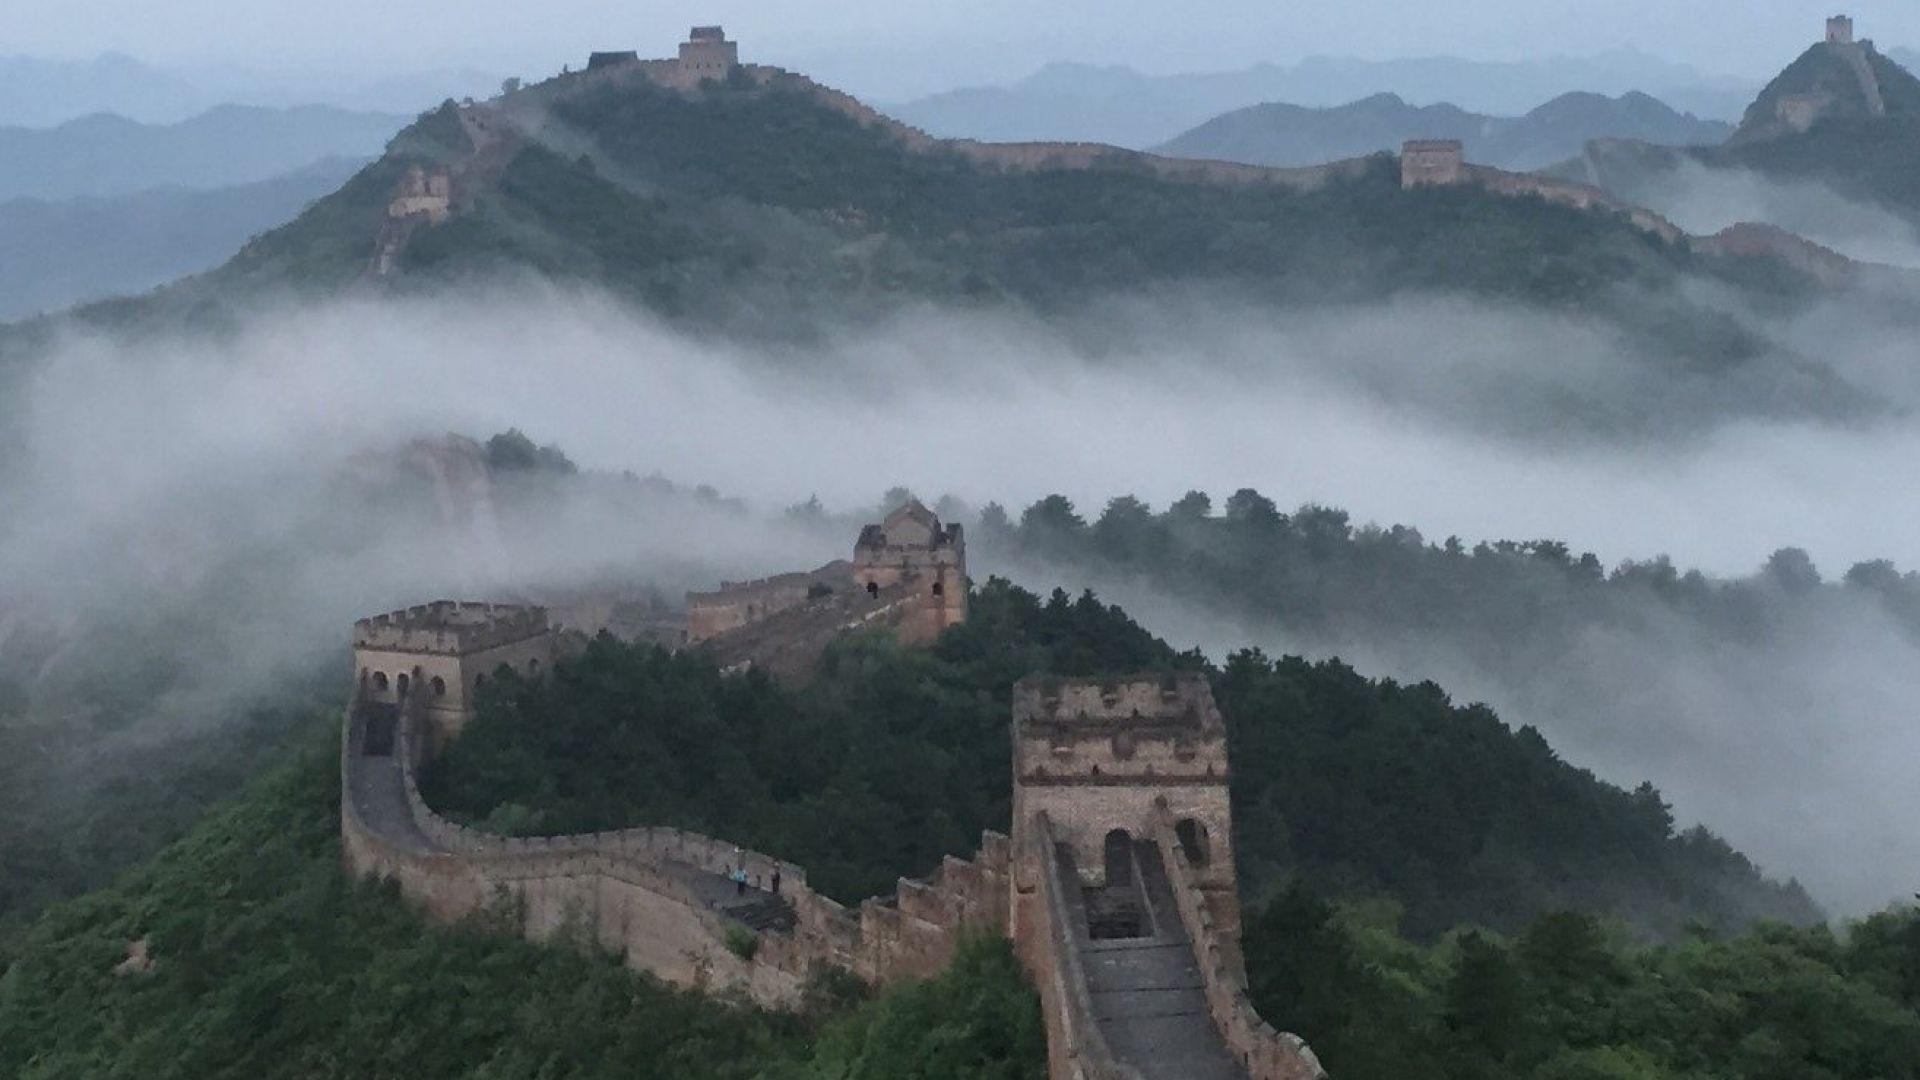 """Идеята на Airbnb за """"Нощ на Великата стена"""" удари на камък"""